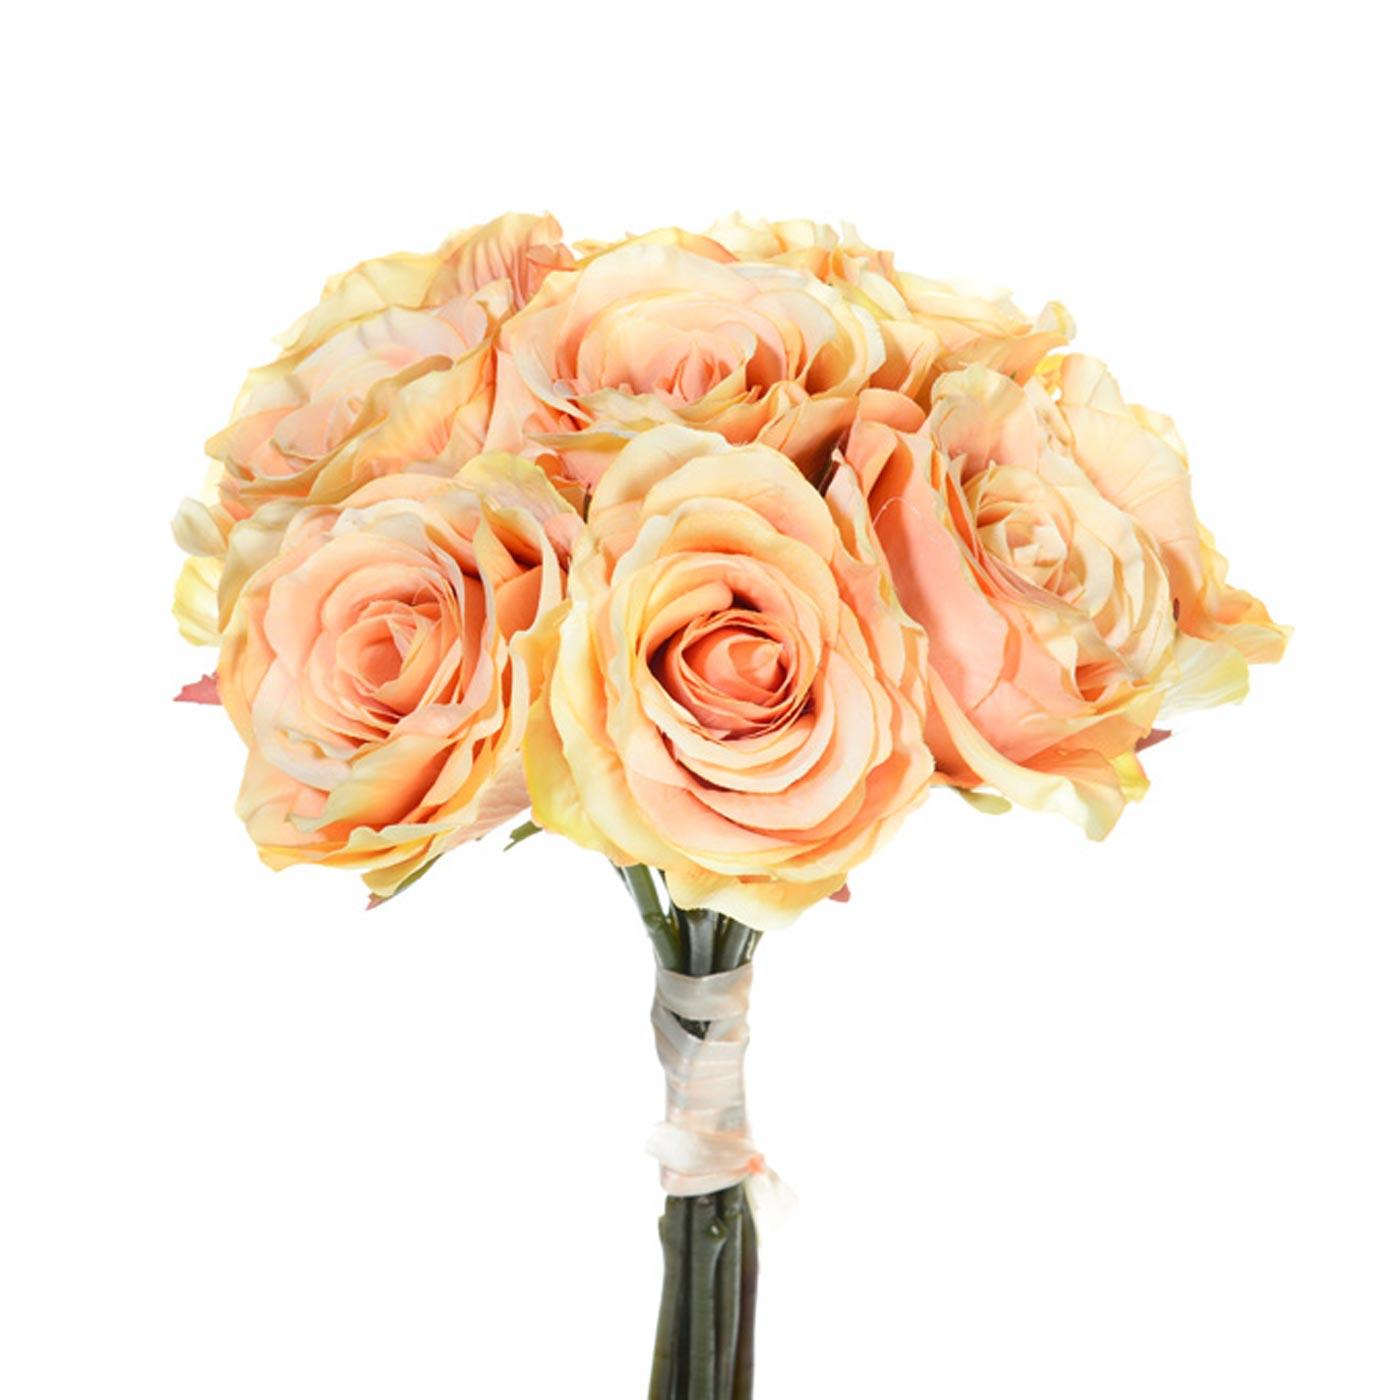 Rose Bunch Antique Peach